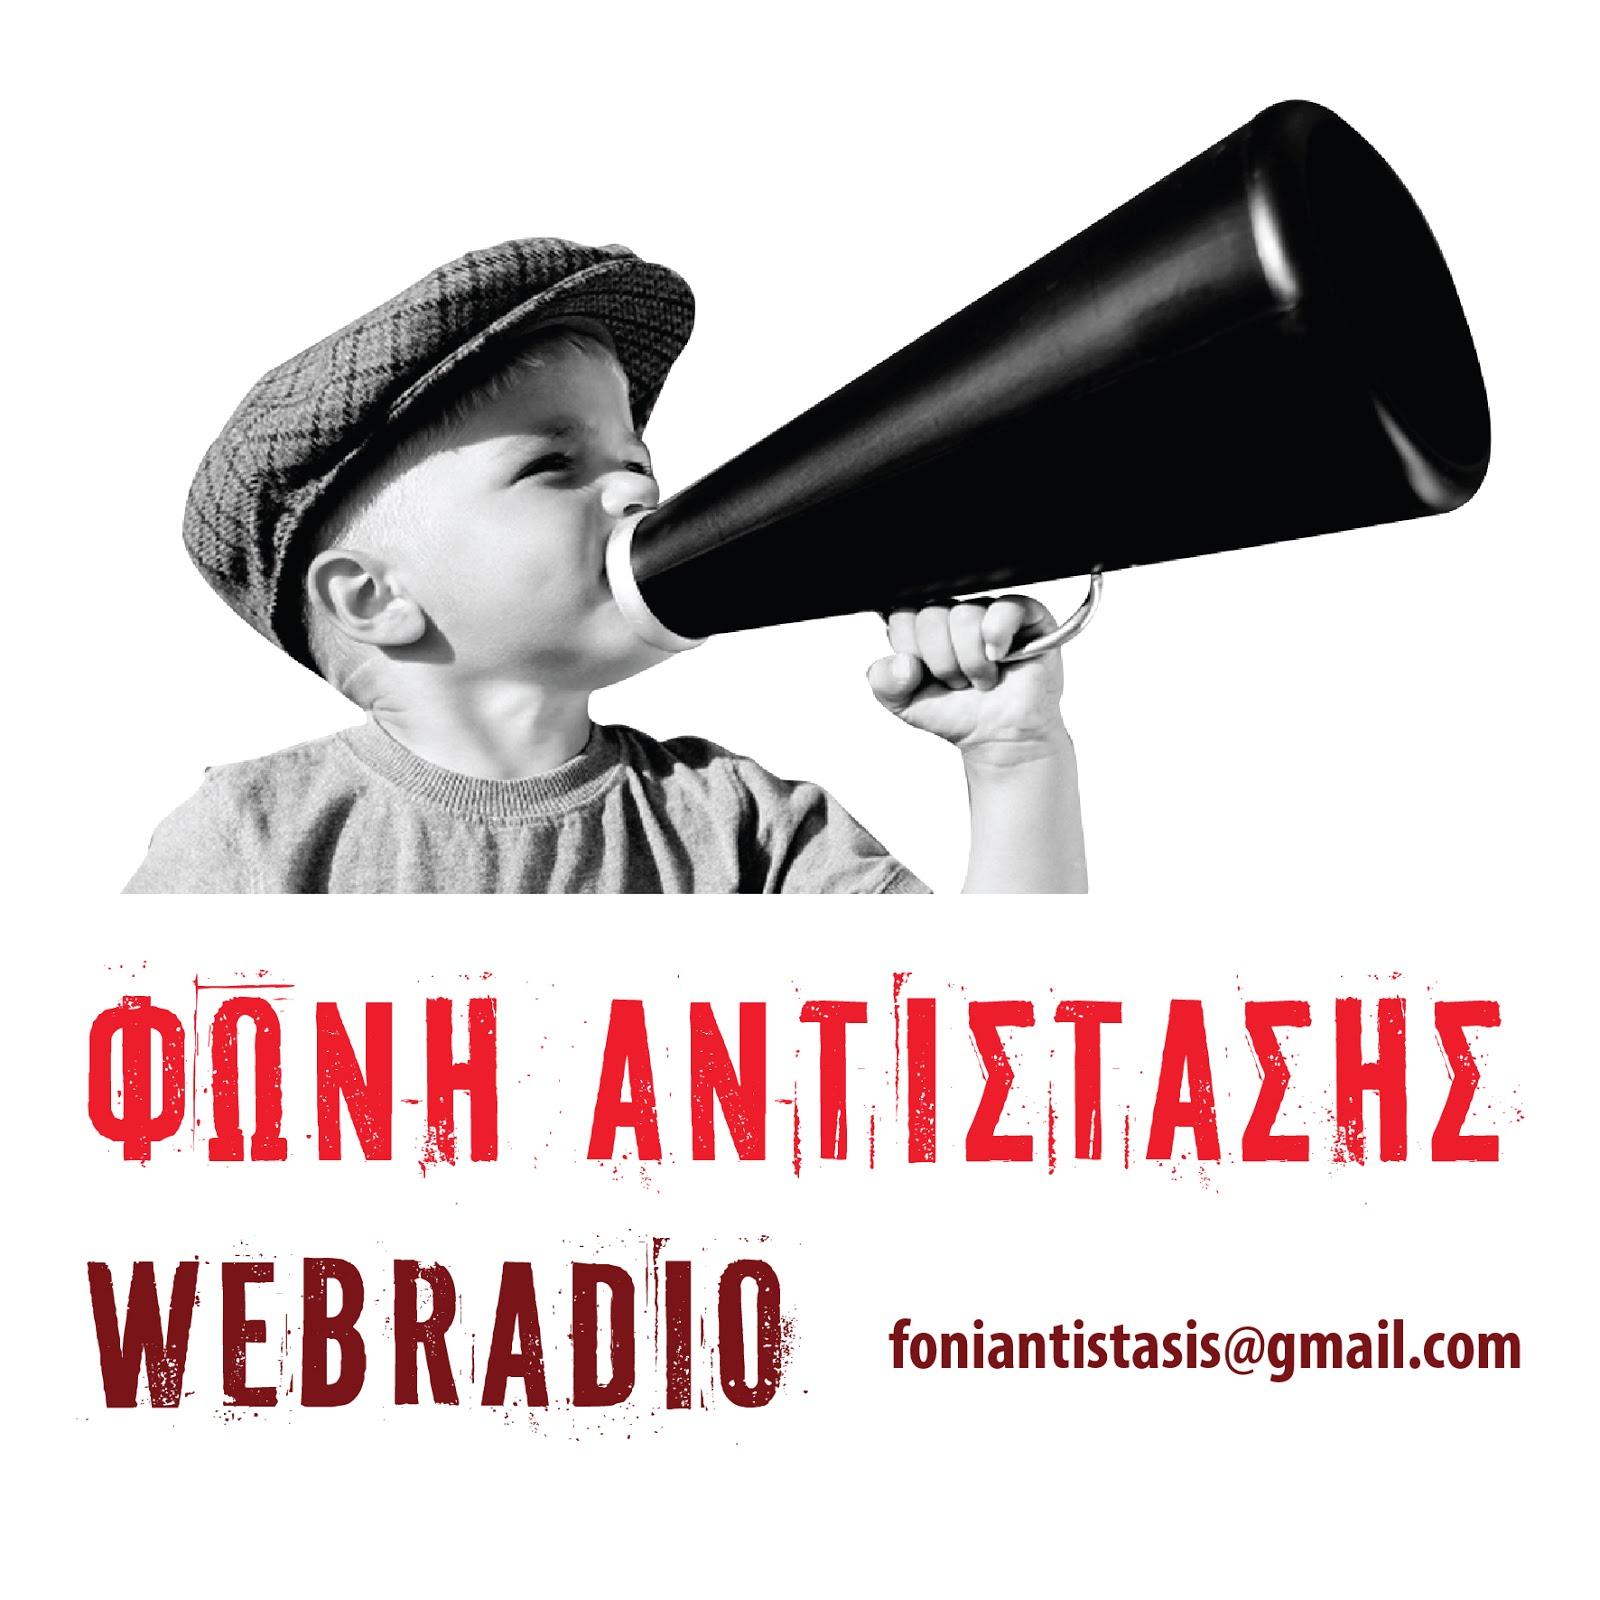 ΦΩΝΗ ΑΝΤΙΣΤΑΣΗΣ - WEBRADIO